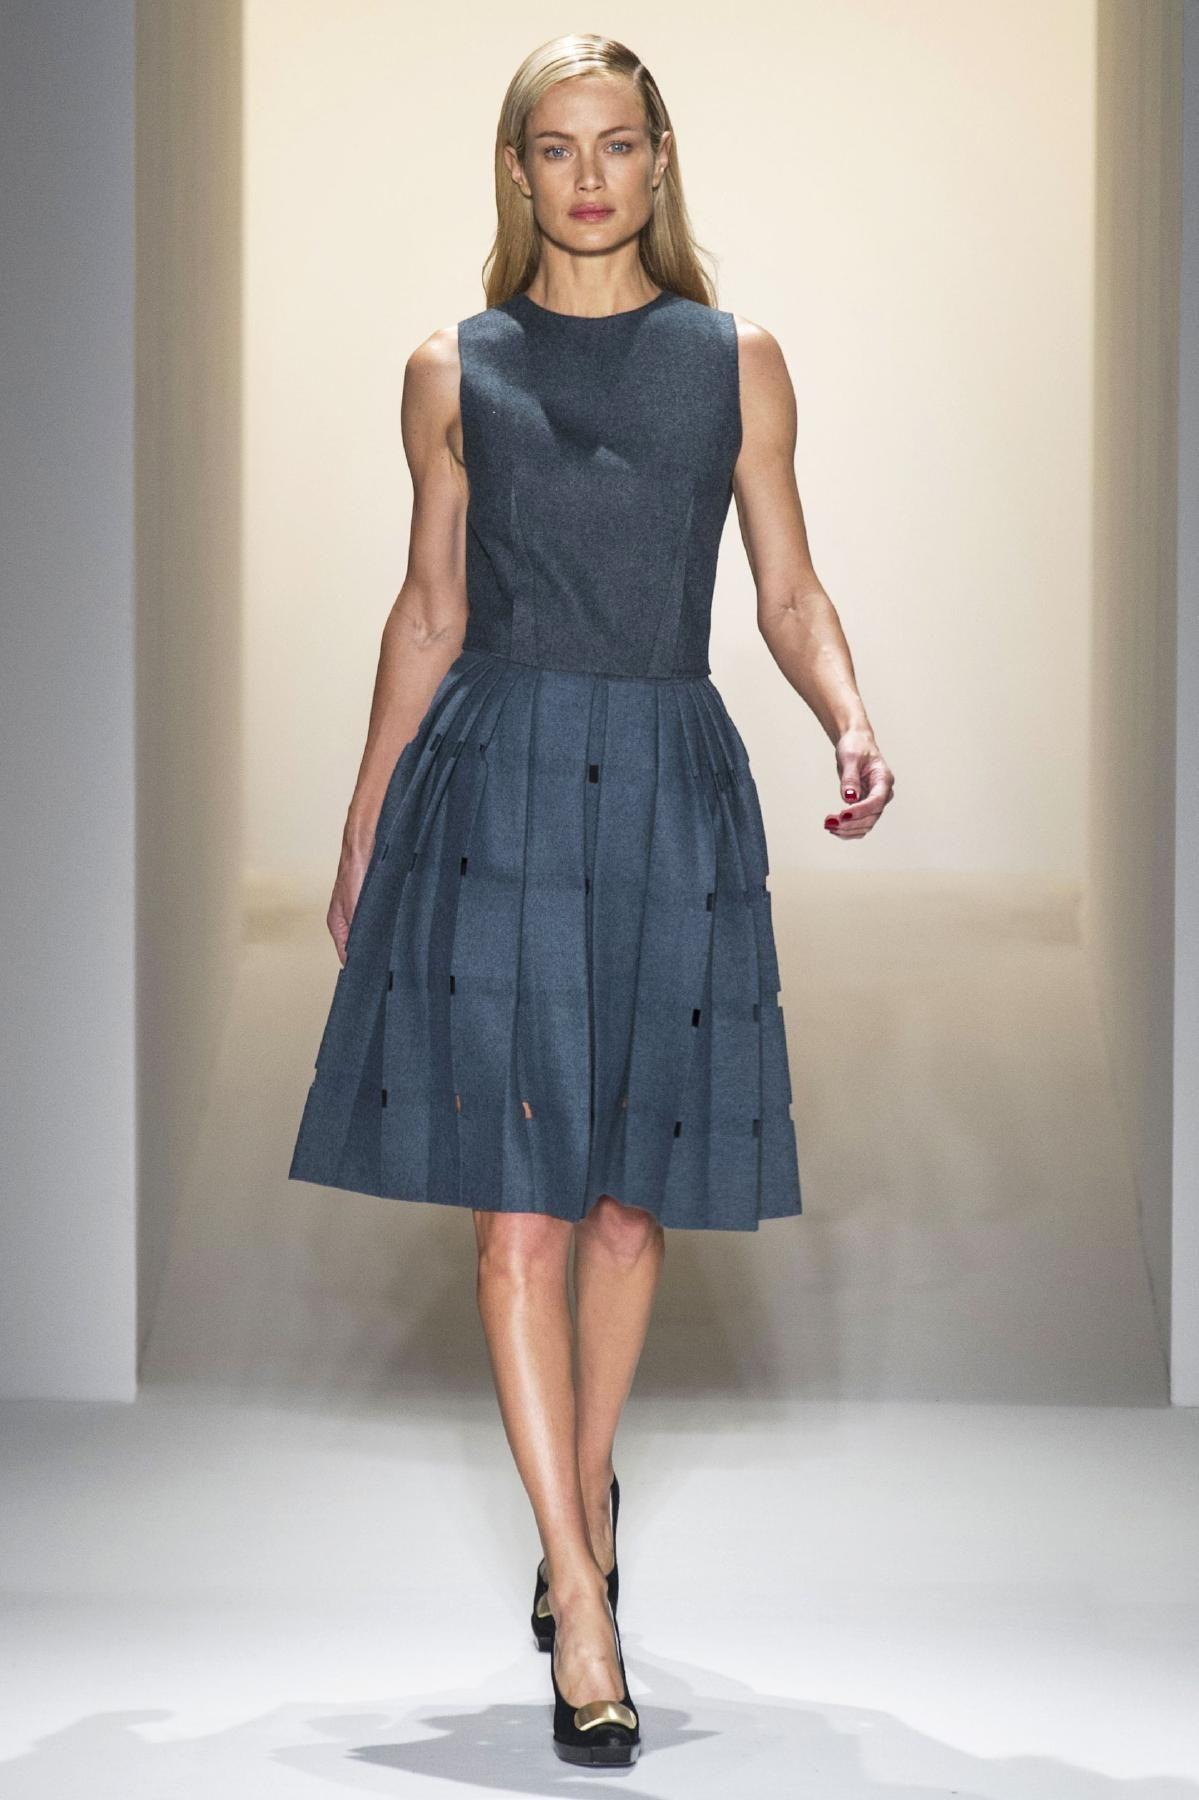 Calvin Klein Fall 2013 RTW Collection - Fashion on TheCut